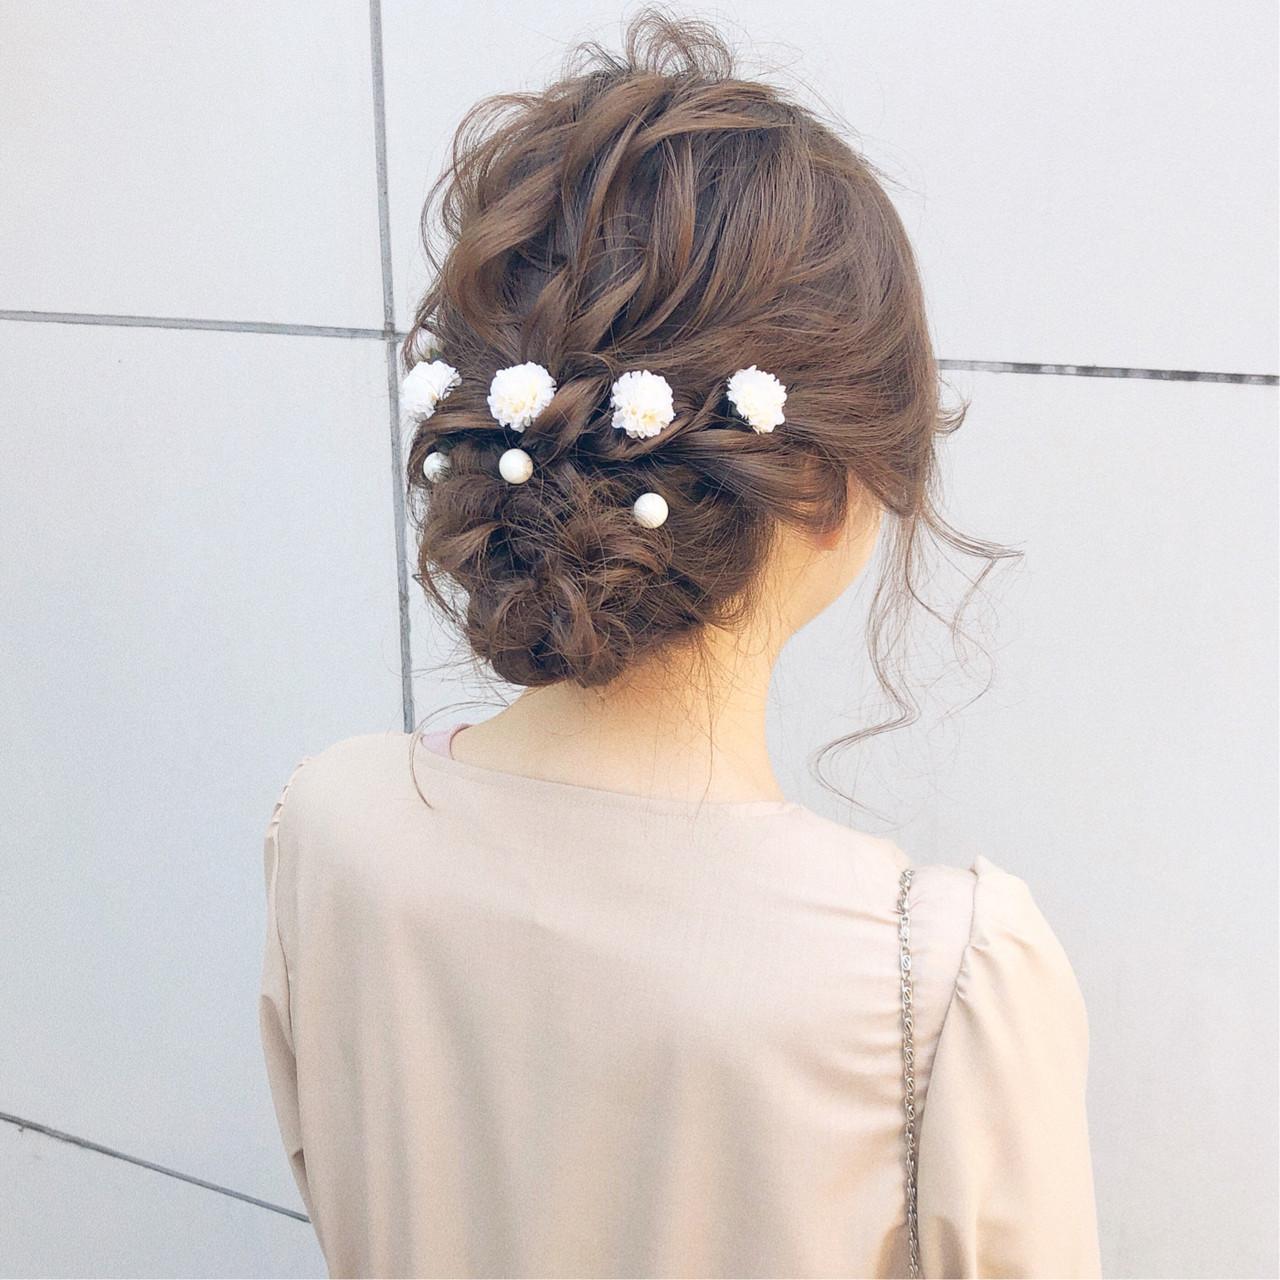 セミロング 簡単ヘアアレンジ ナチュラル ヘアアレンジ ヘアスタイルや髪型の写真・画像